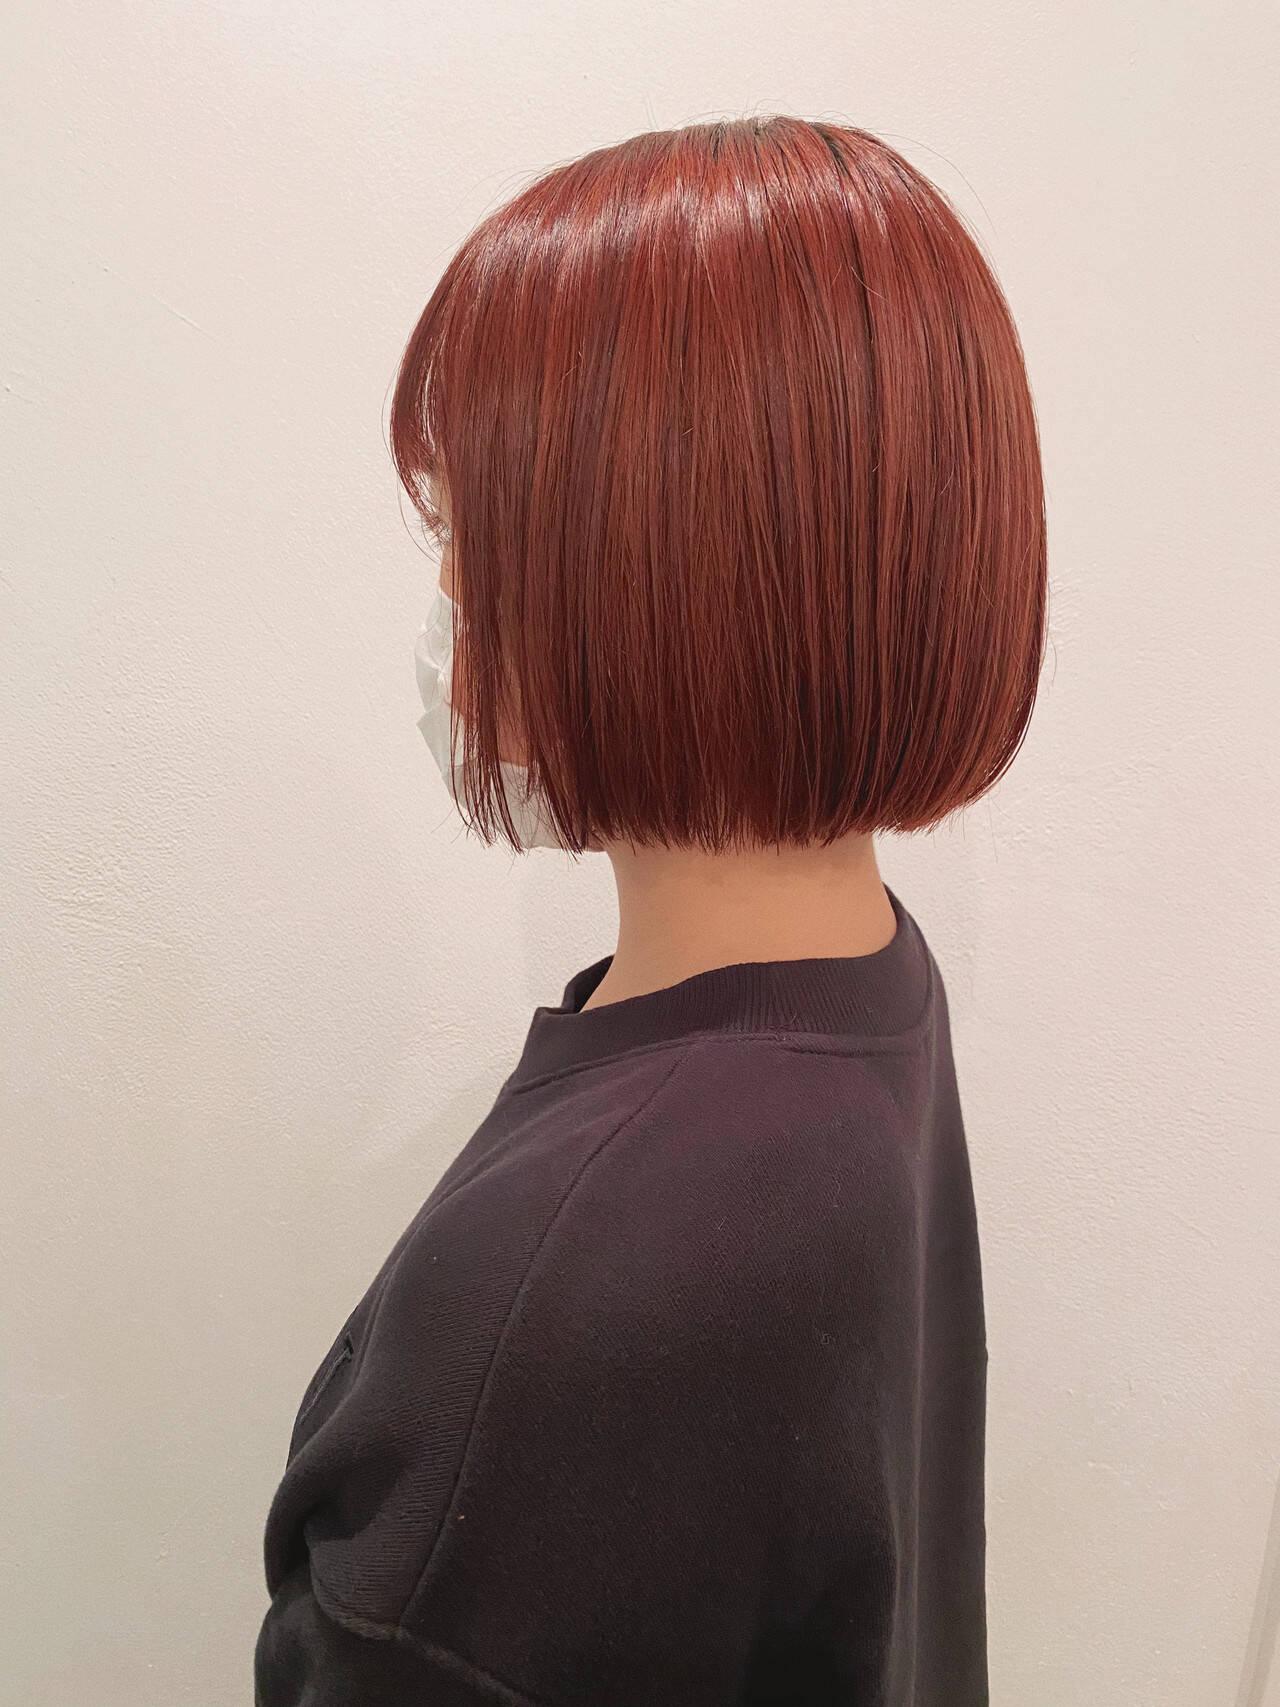 ミニボブ ピンク 切りっぱなしボブ 秋冬スタイルヘアスタイルや髪型の写真・画像